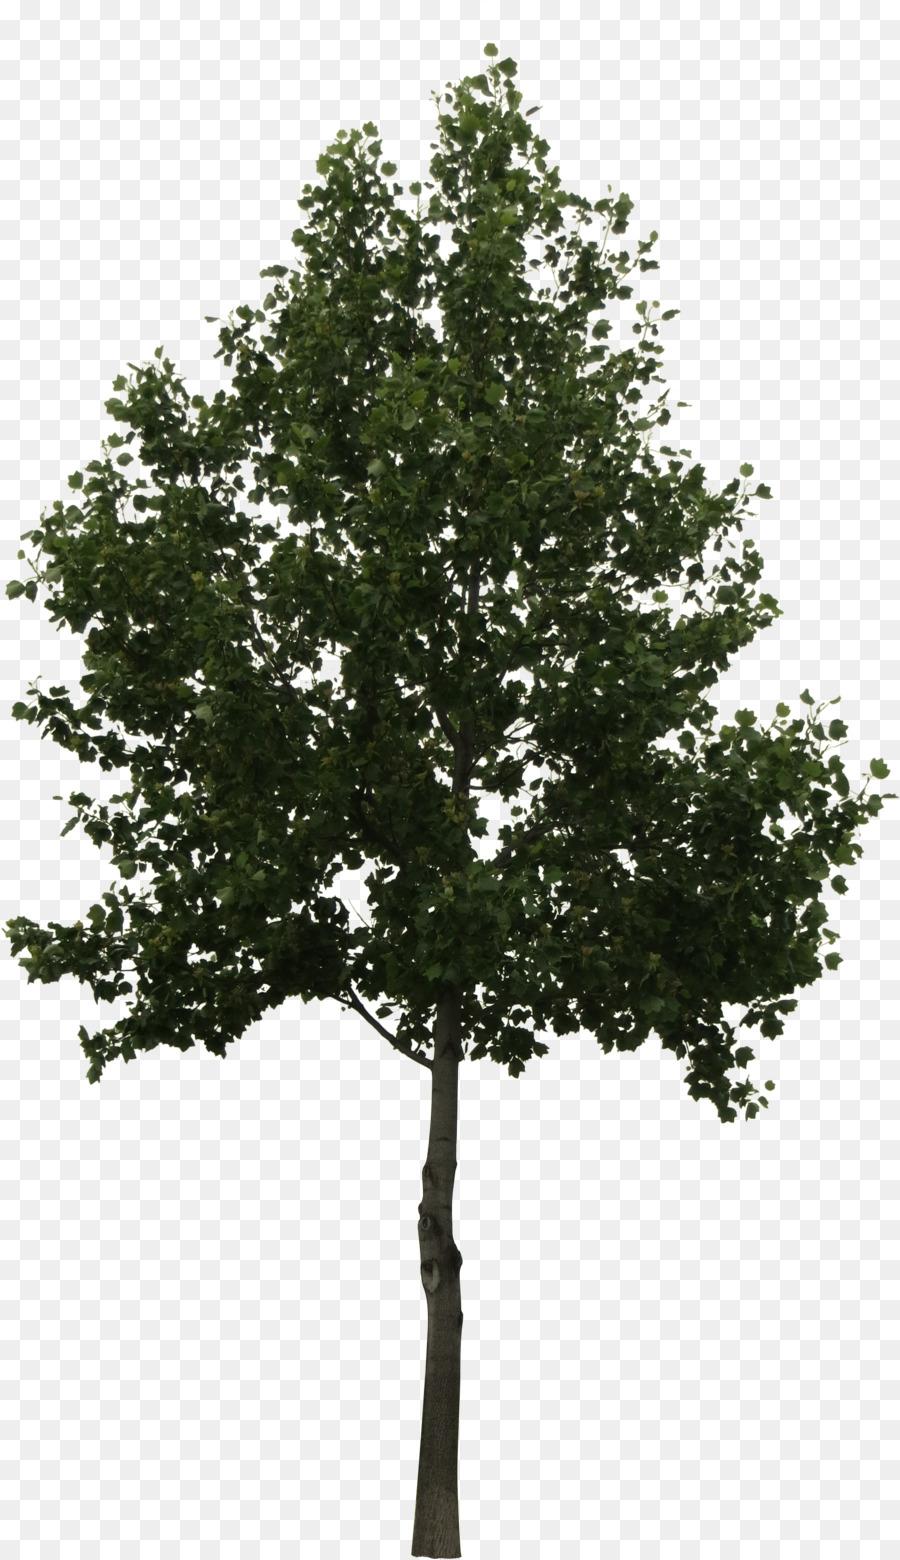 Descarga gratuita de árbol, Roble, árbol De Helecho Imágen de Png